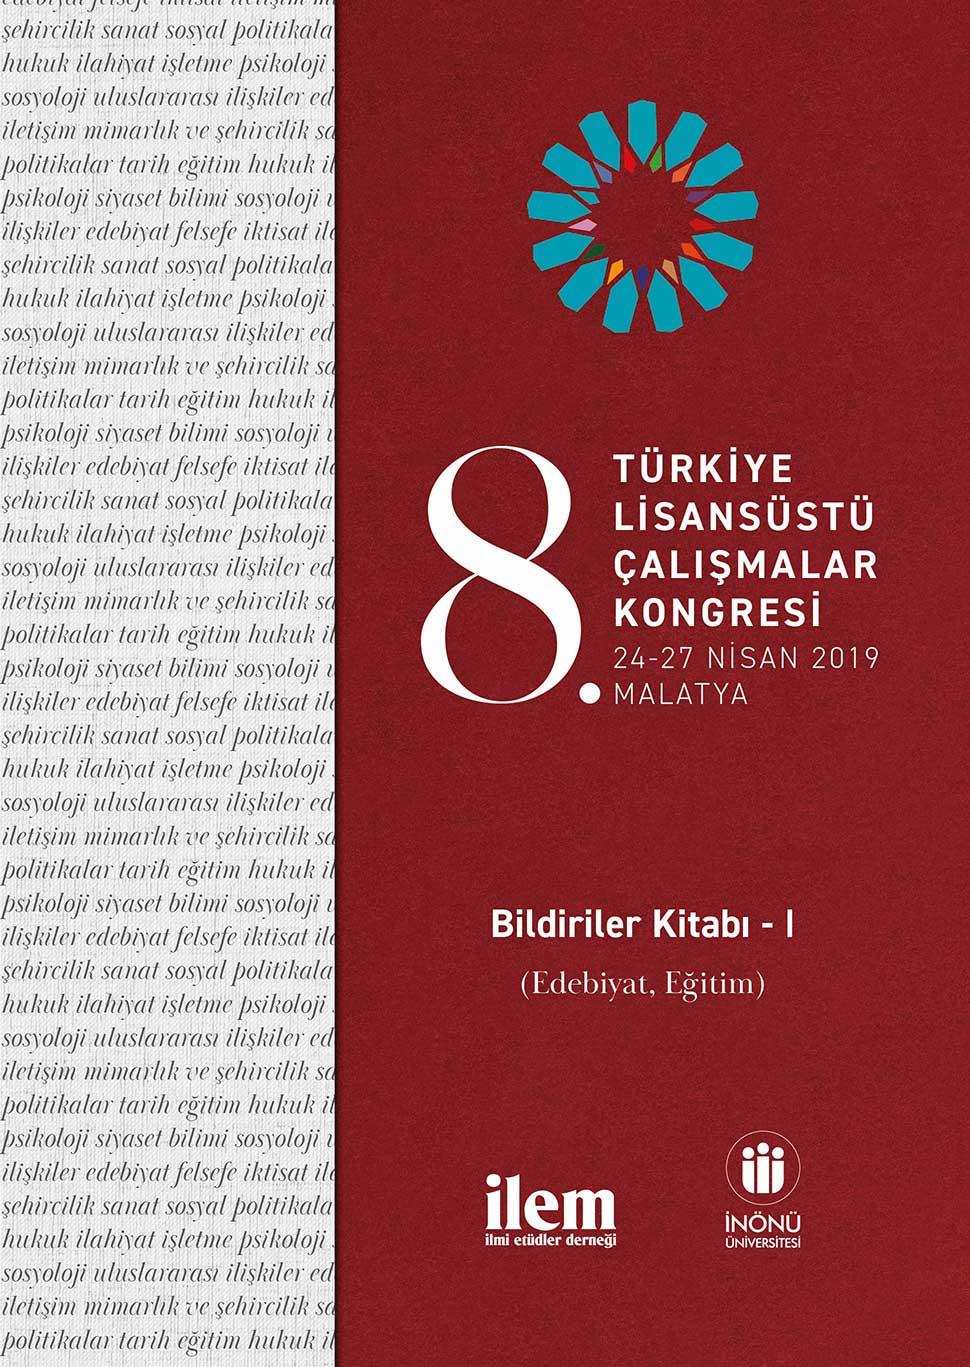 8. Türkiye Lisansüstü Çalışmalar Kongresi Bildiriler Kitabı